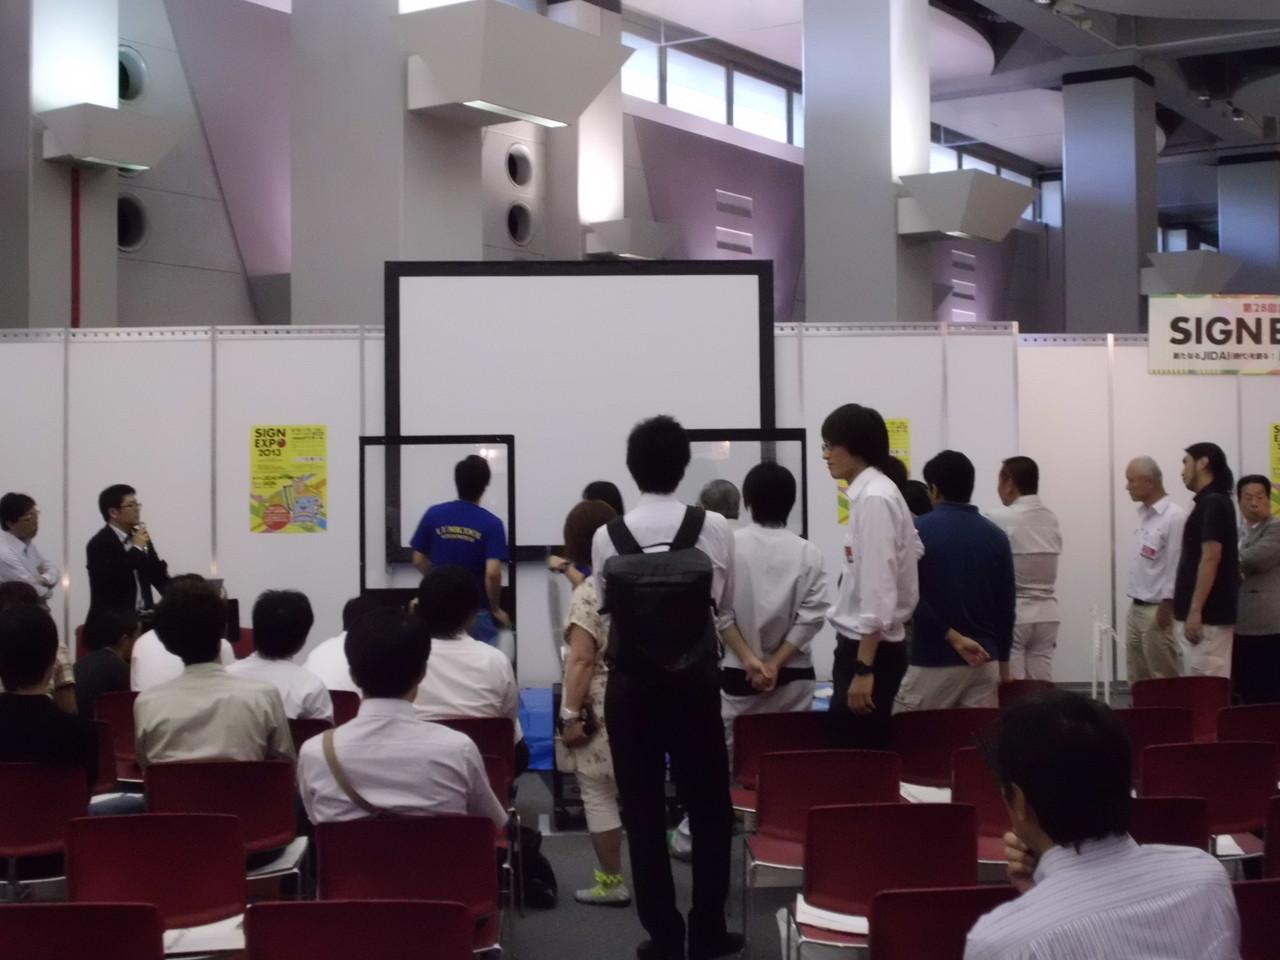 午後2つ目のセミナー「ガラスフィルム施工講習会」。受講者の皆様は熱心に聴講、この後実習も。